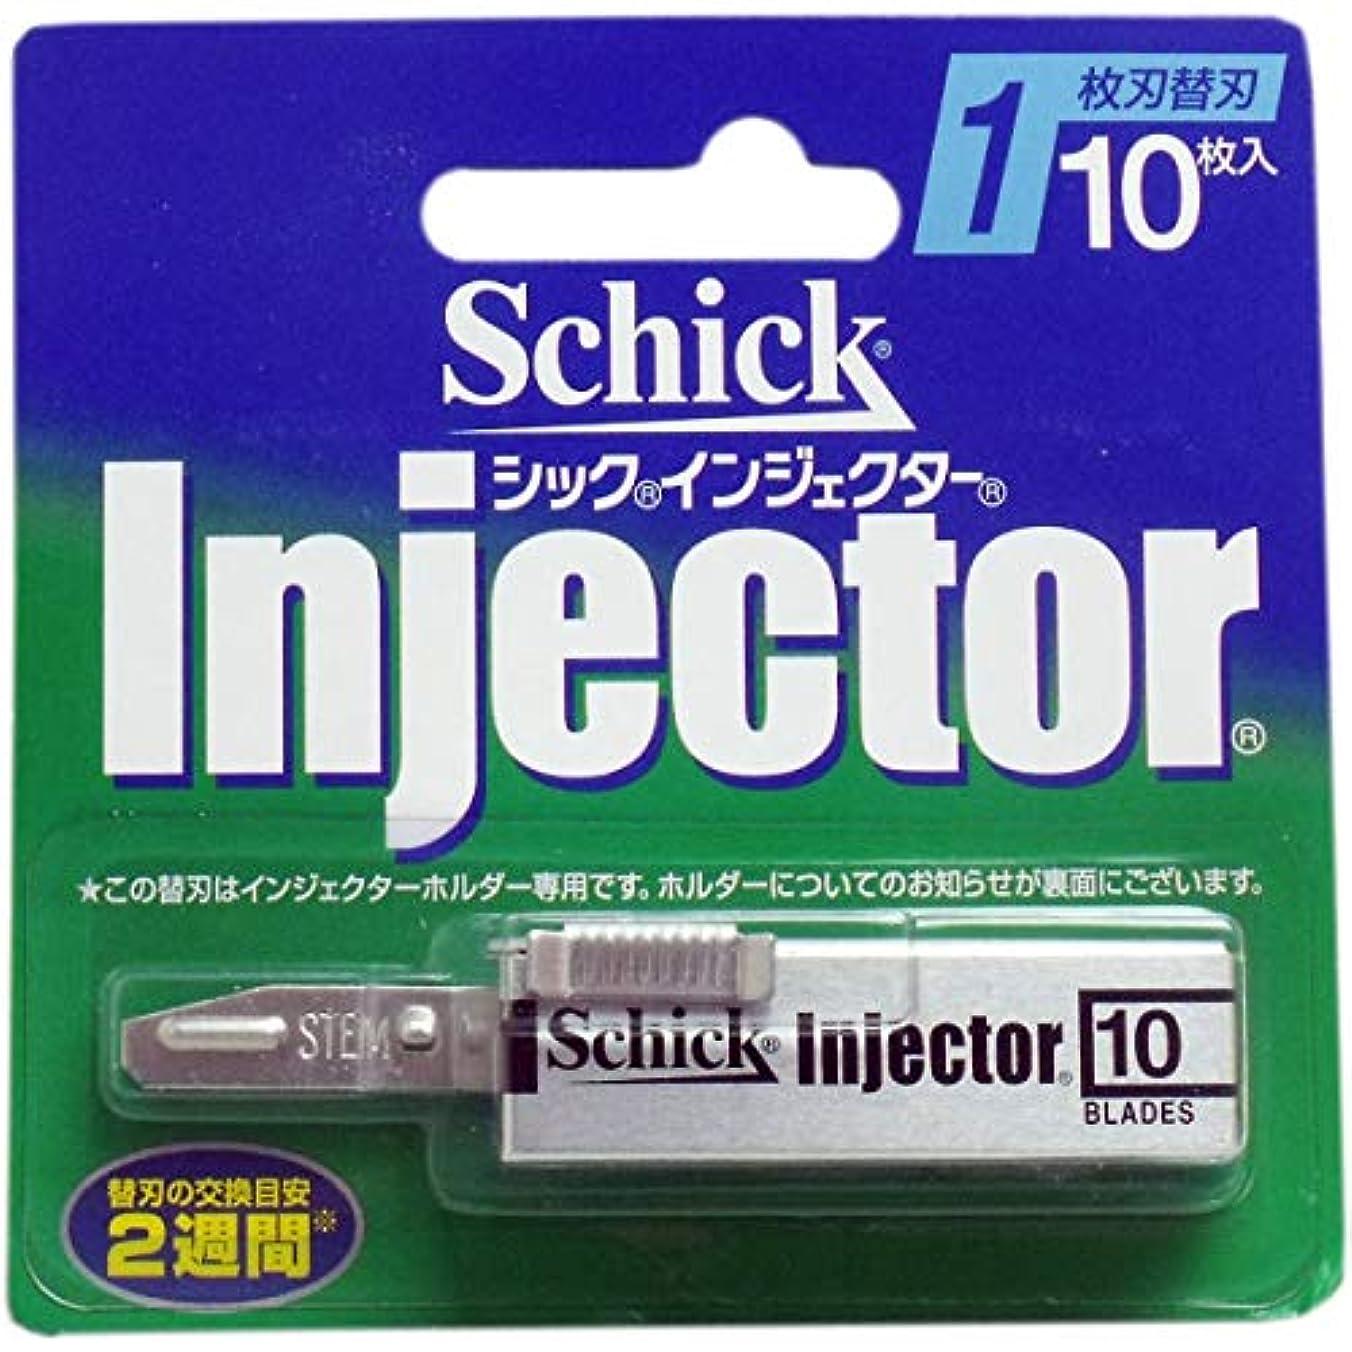 ループミトン花嫁シック インジェクター 1枚刃 替刃 10枚入(単品)